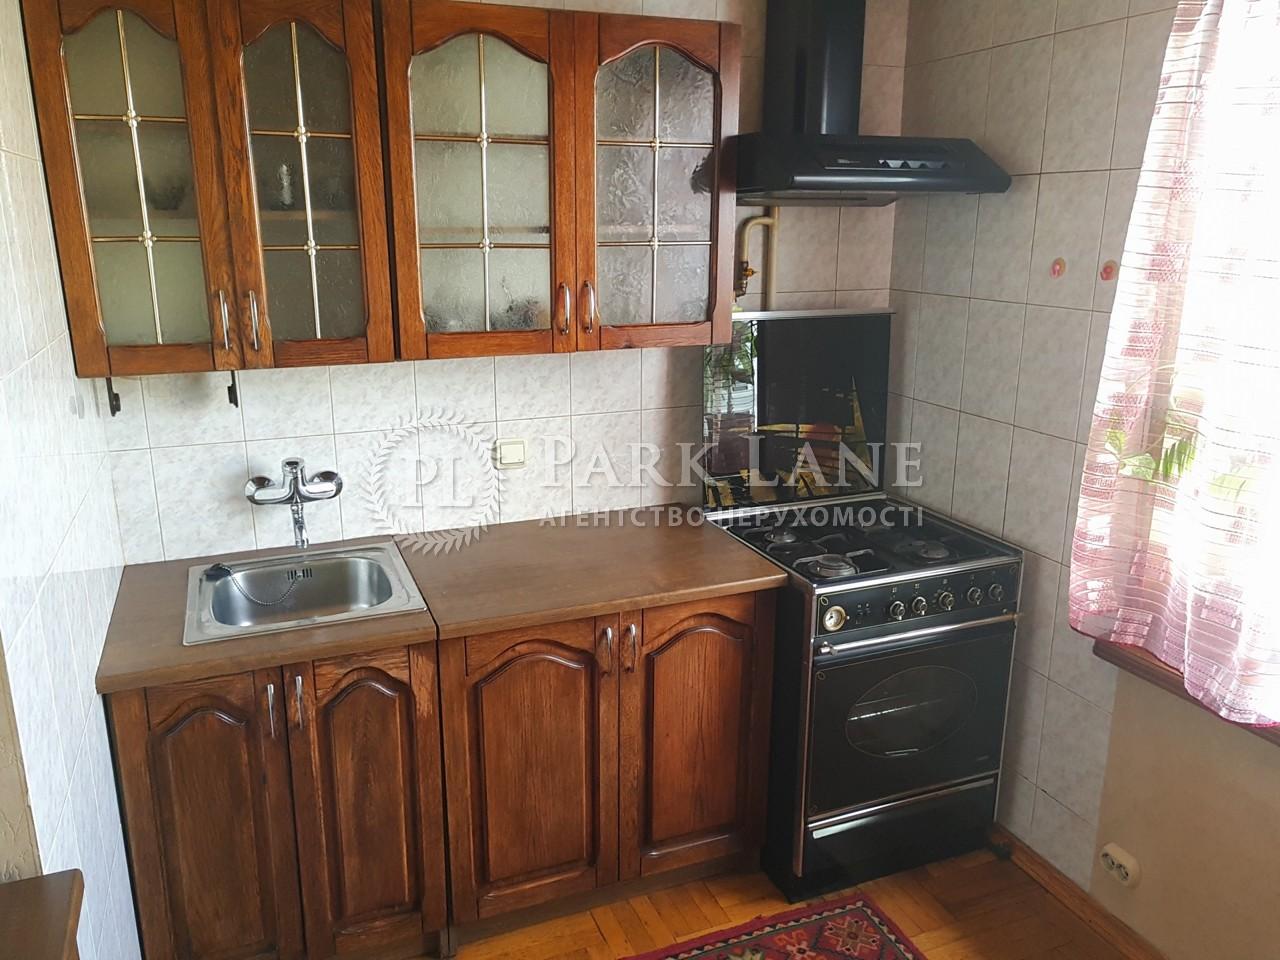 Квартира ул. Приозерная, 12, Киев, R-10718 - Фото 15